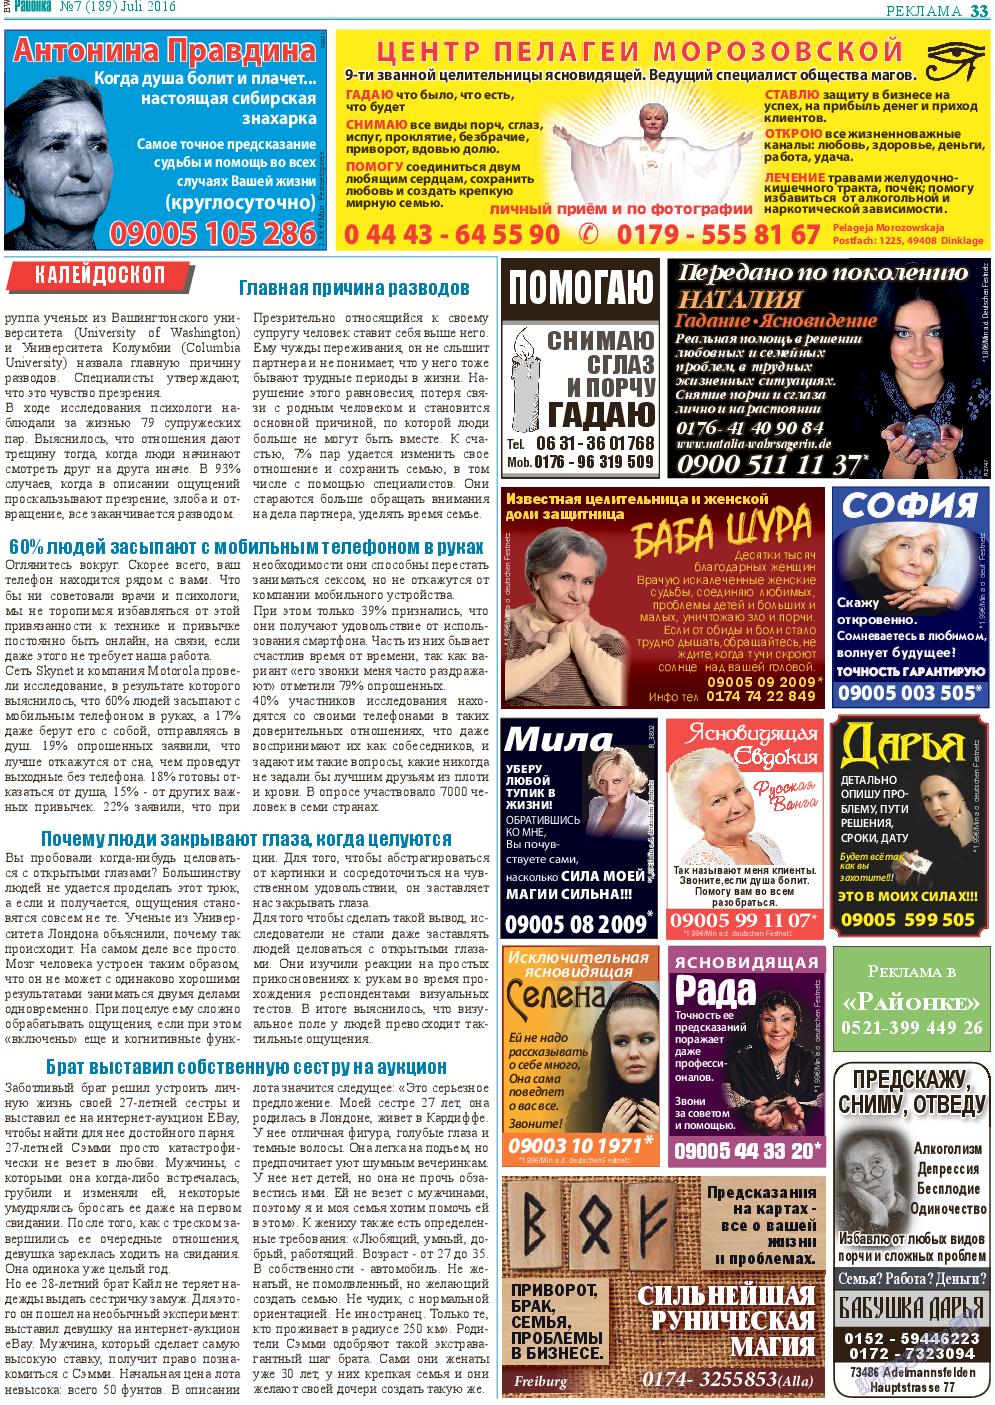 Районка-West (газета). 2016 год, номер 7, стр. 33